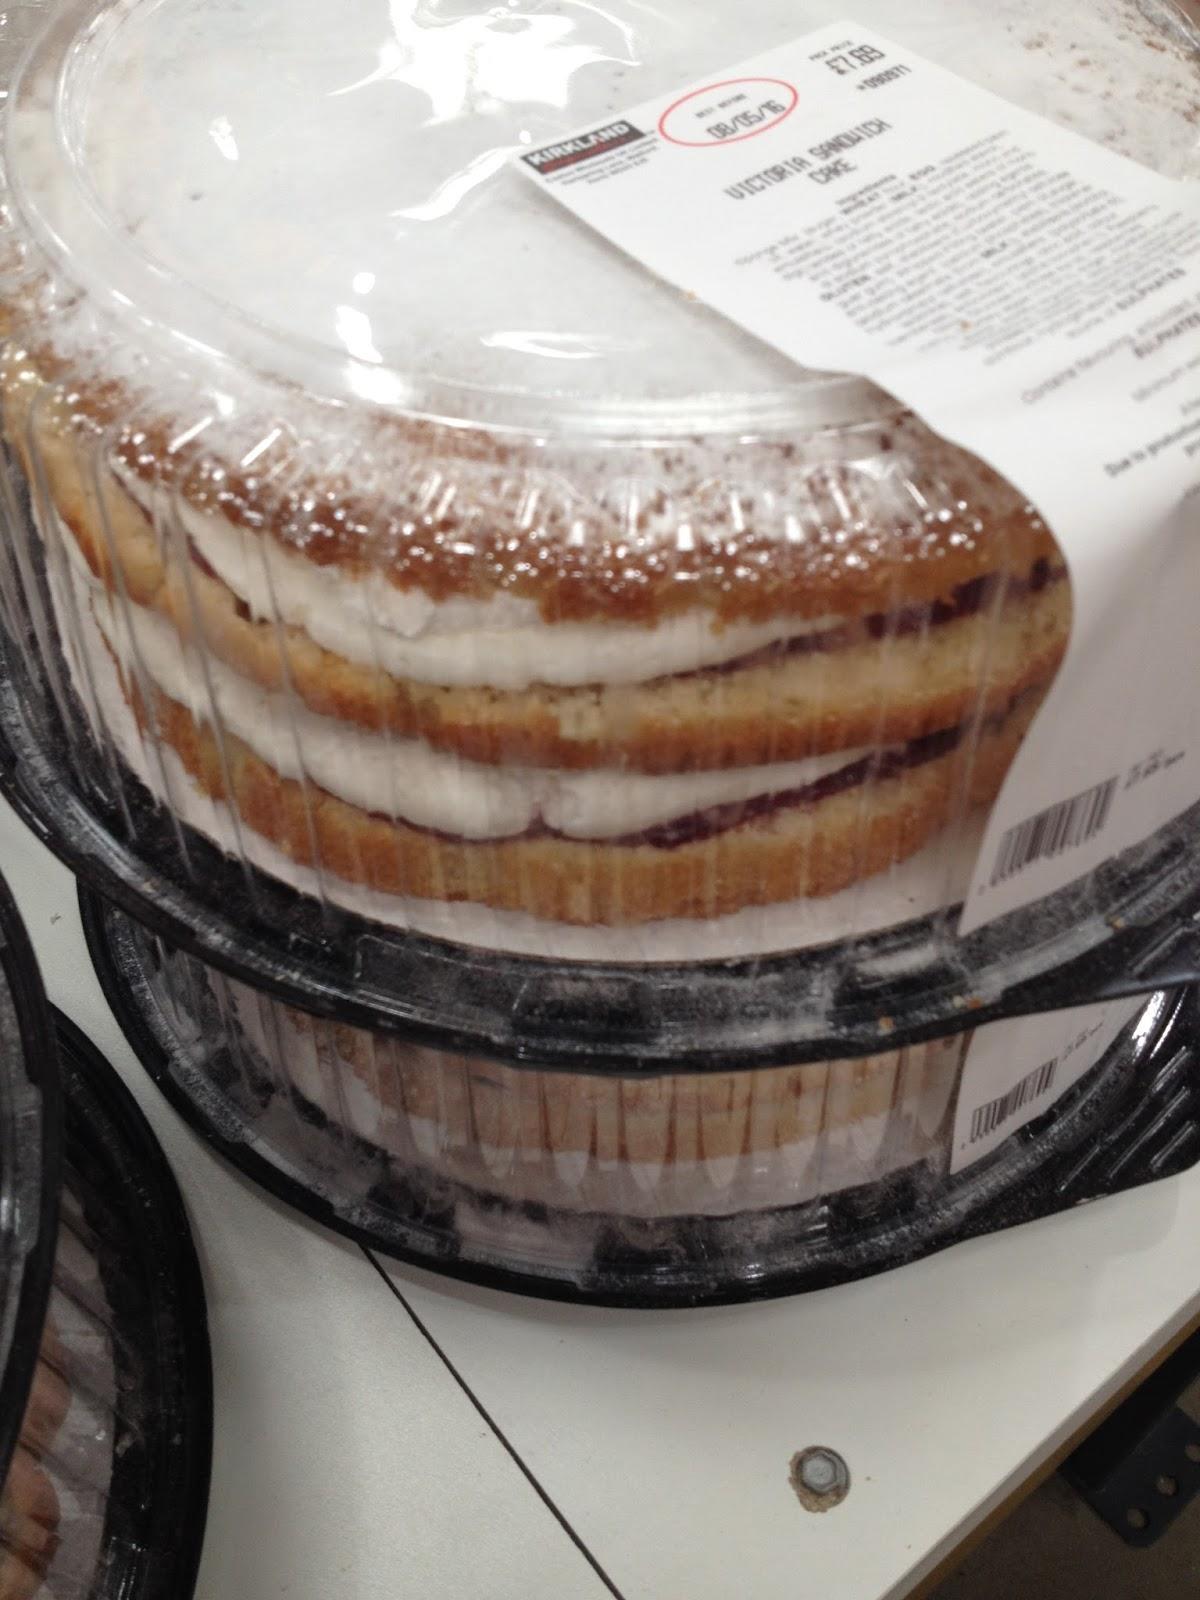 Costco Cakes England